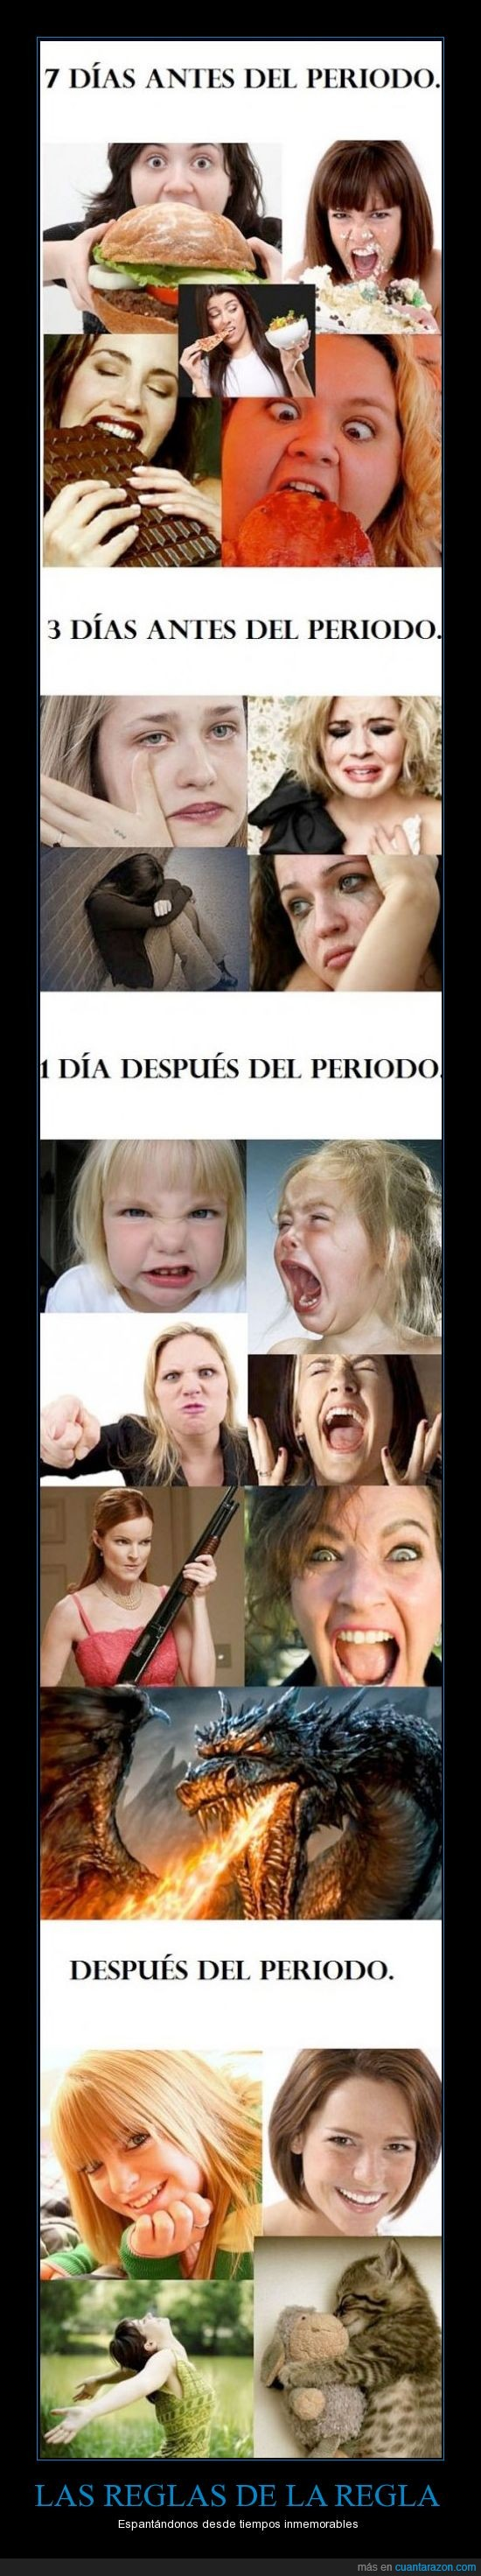 bipolaridad,histeria,Mujeres,periodo,wtf